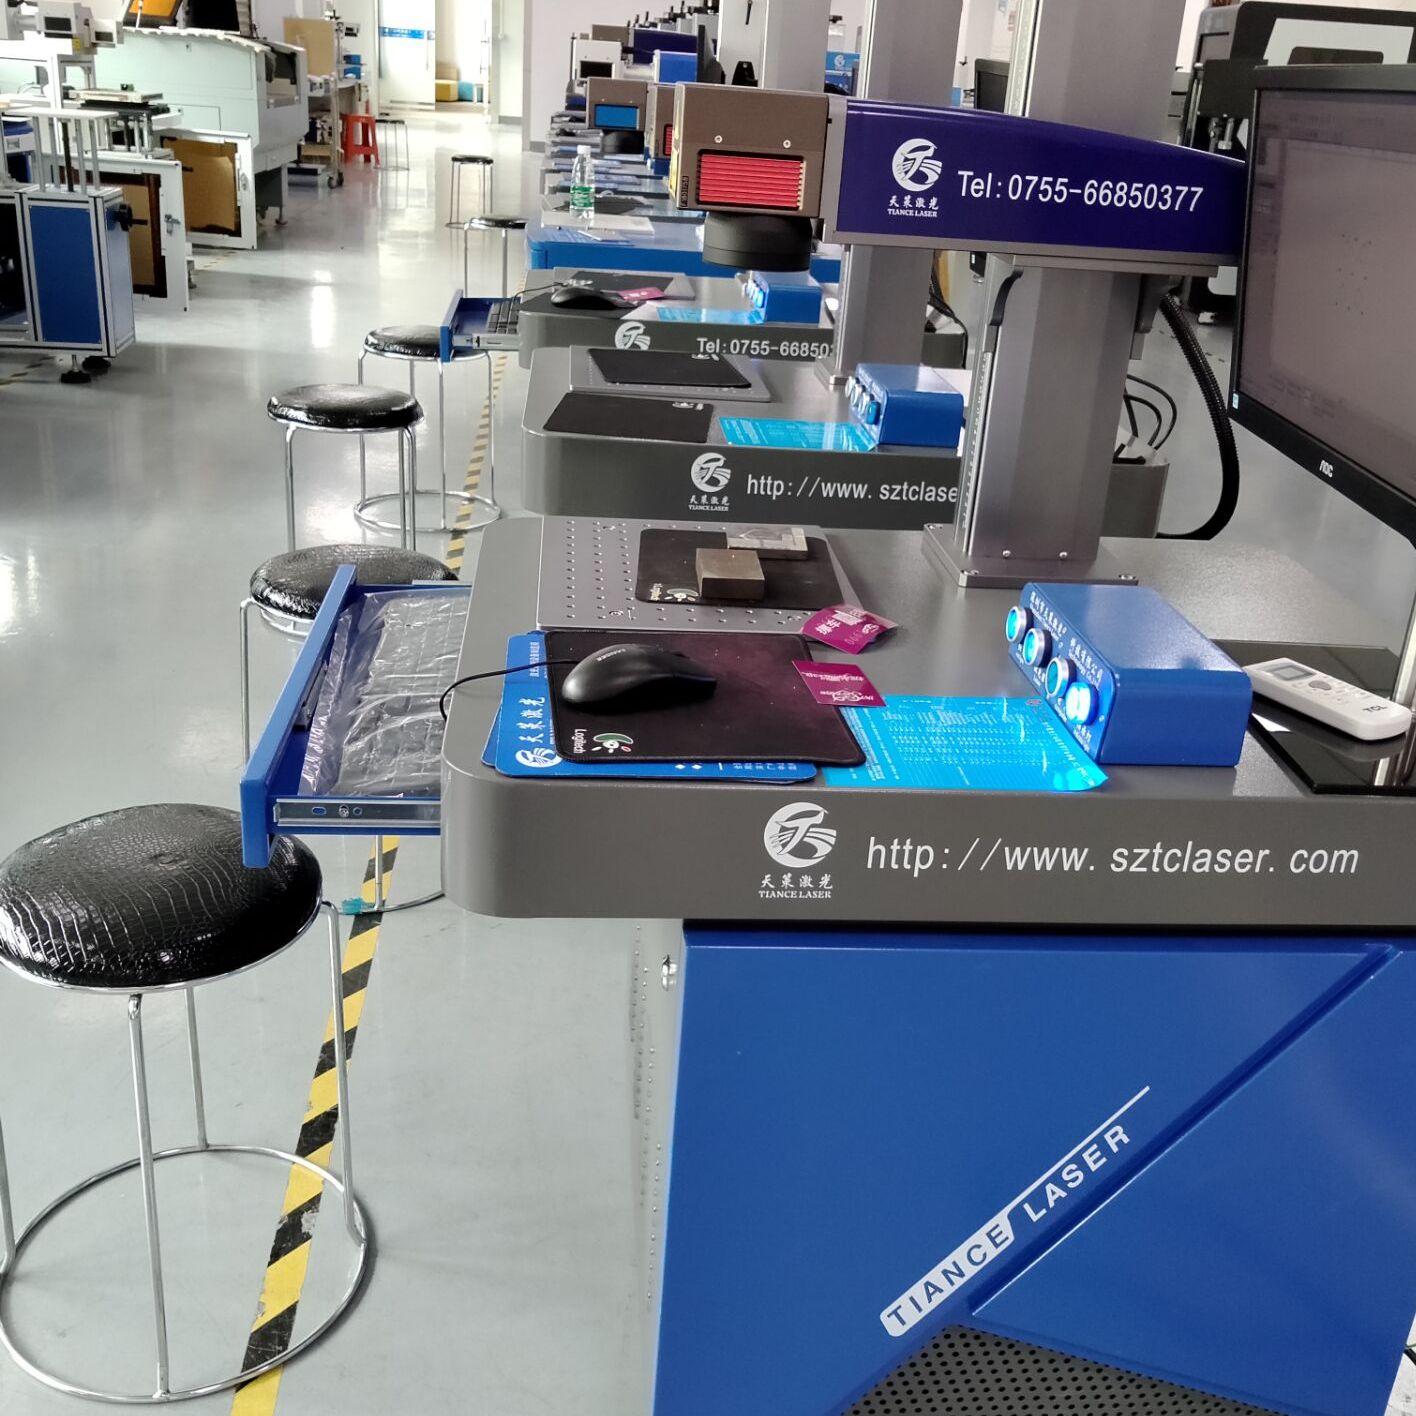 专业生产研发销售于一体的天策激光有您满意的价格欢迎致电